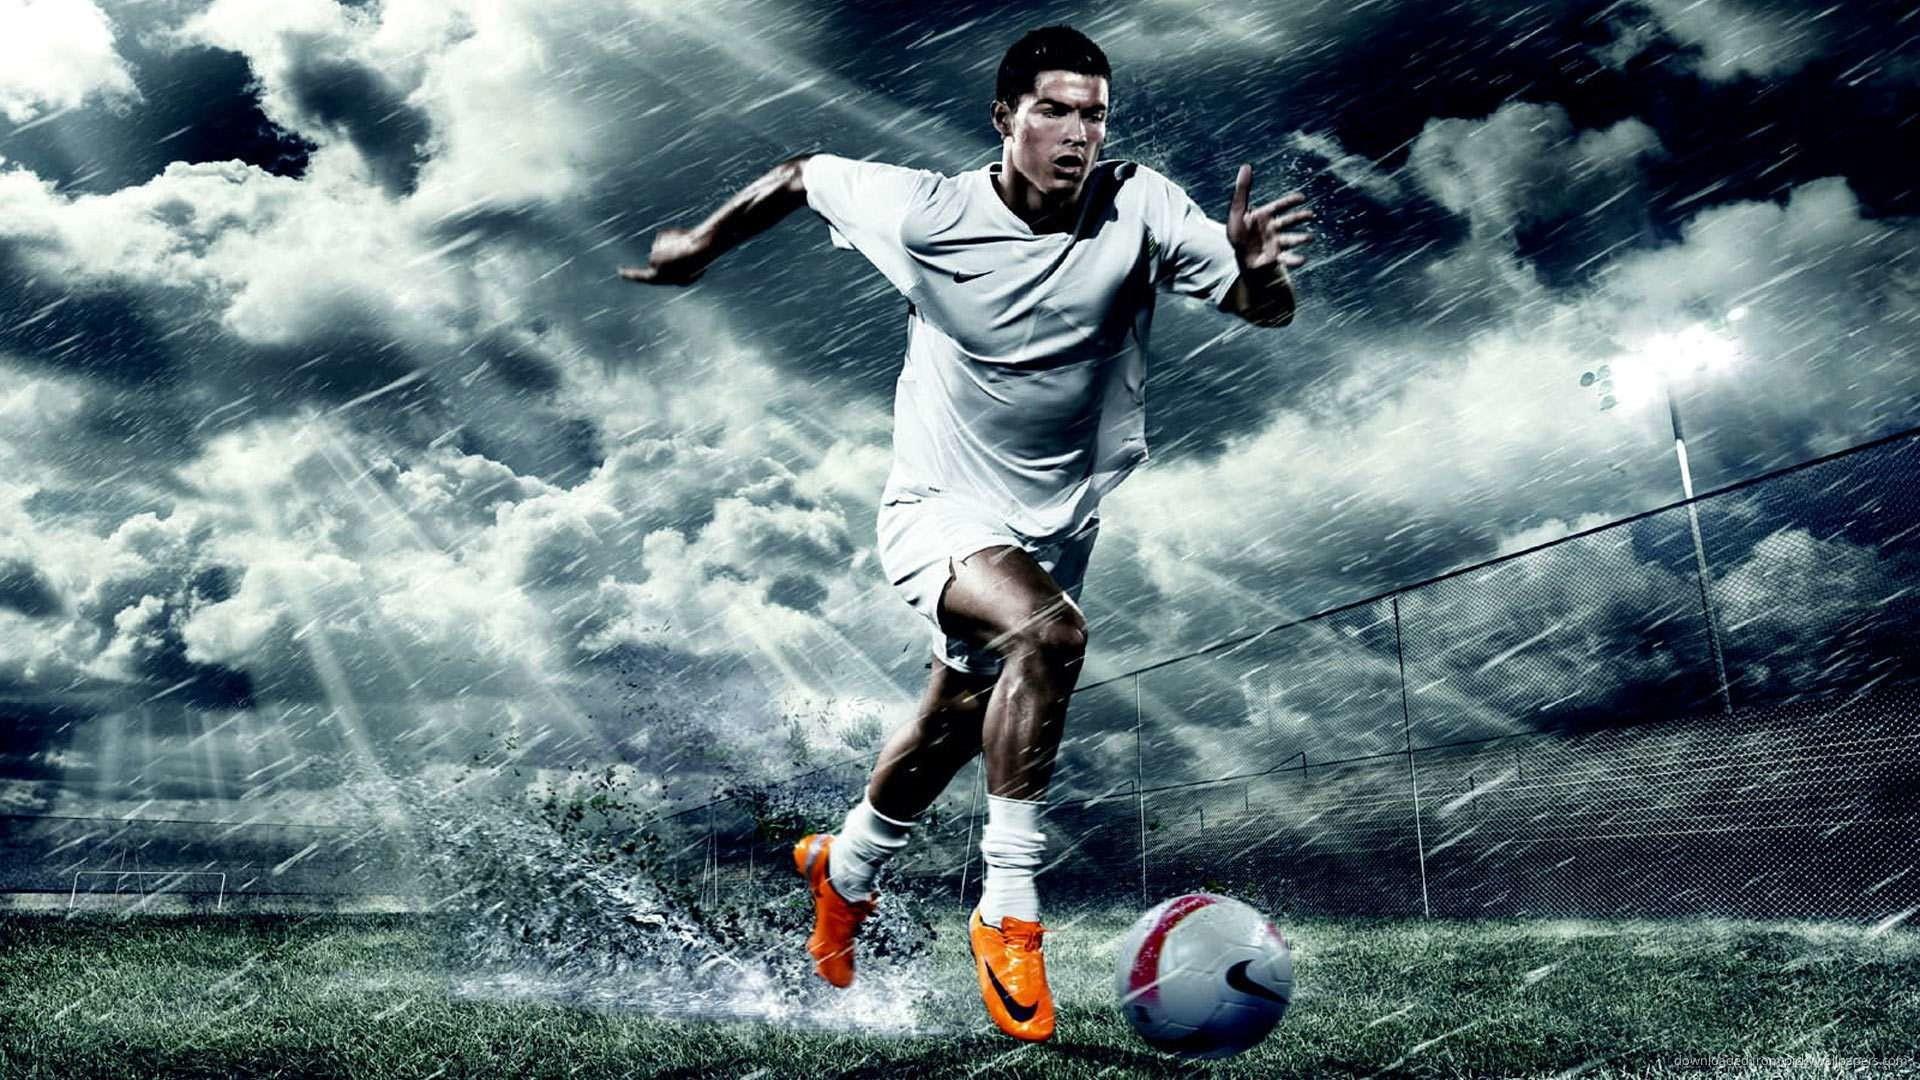 Best Wallpaper Macbook Soccer - 1047895-widescreen-soccer-wallpaper-1920x1080-macbook  Photograph_682886.jpg